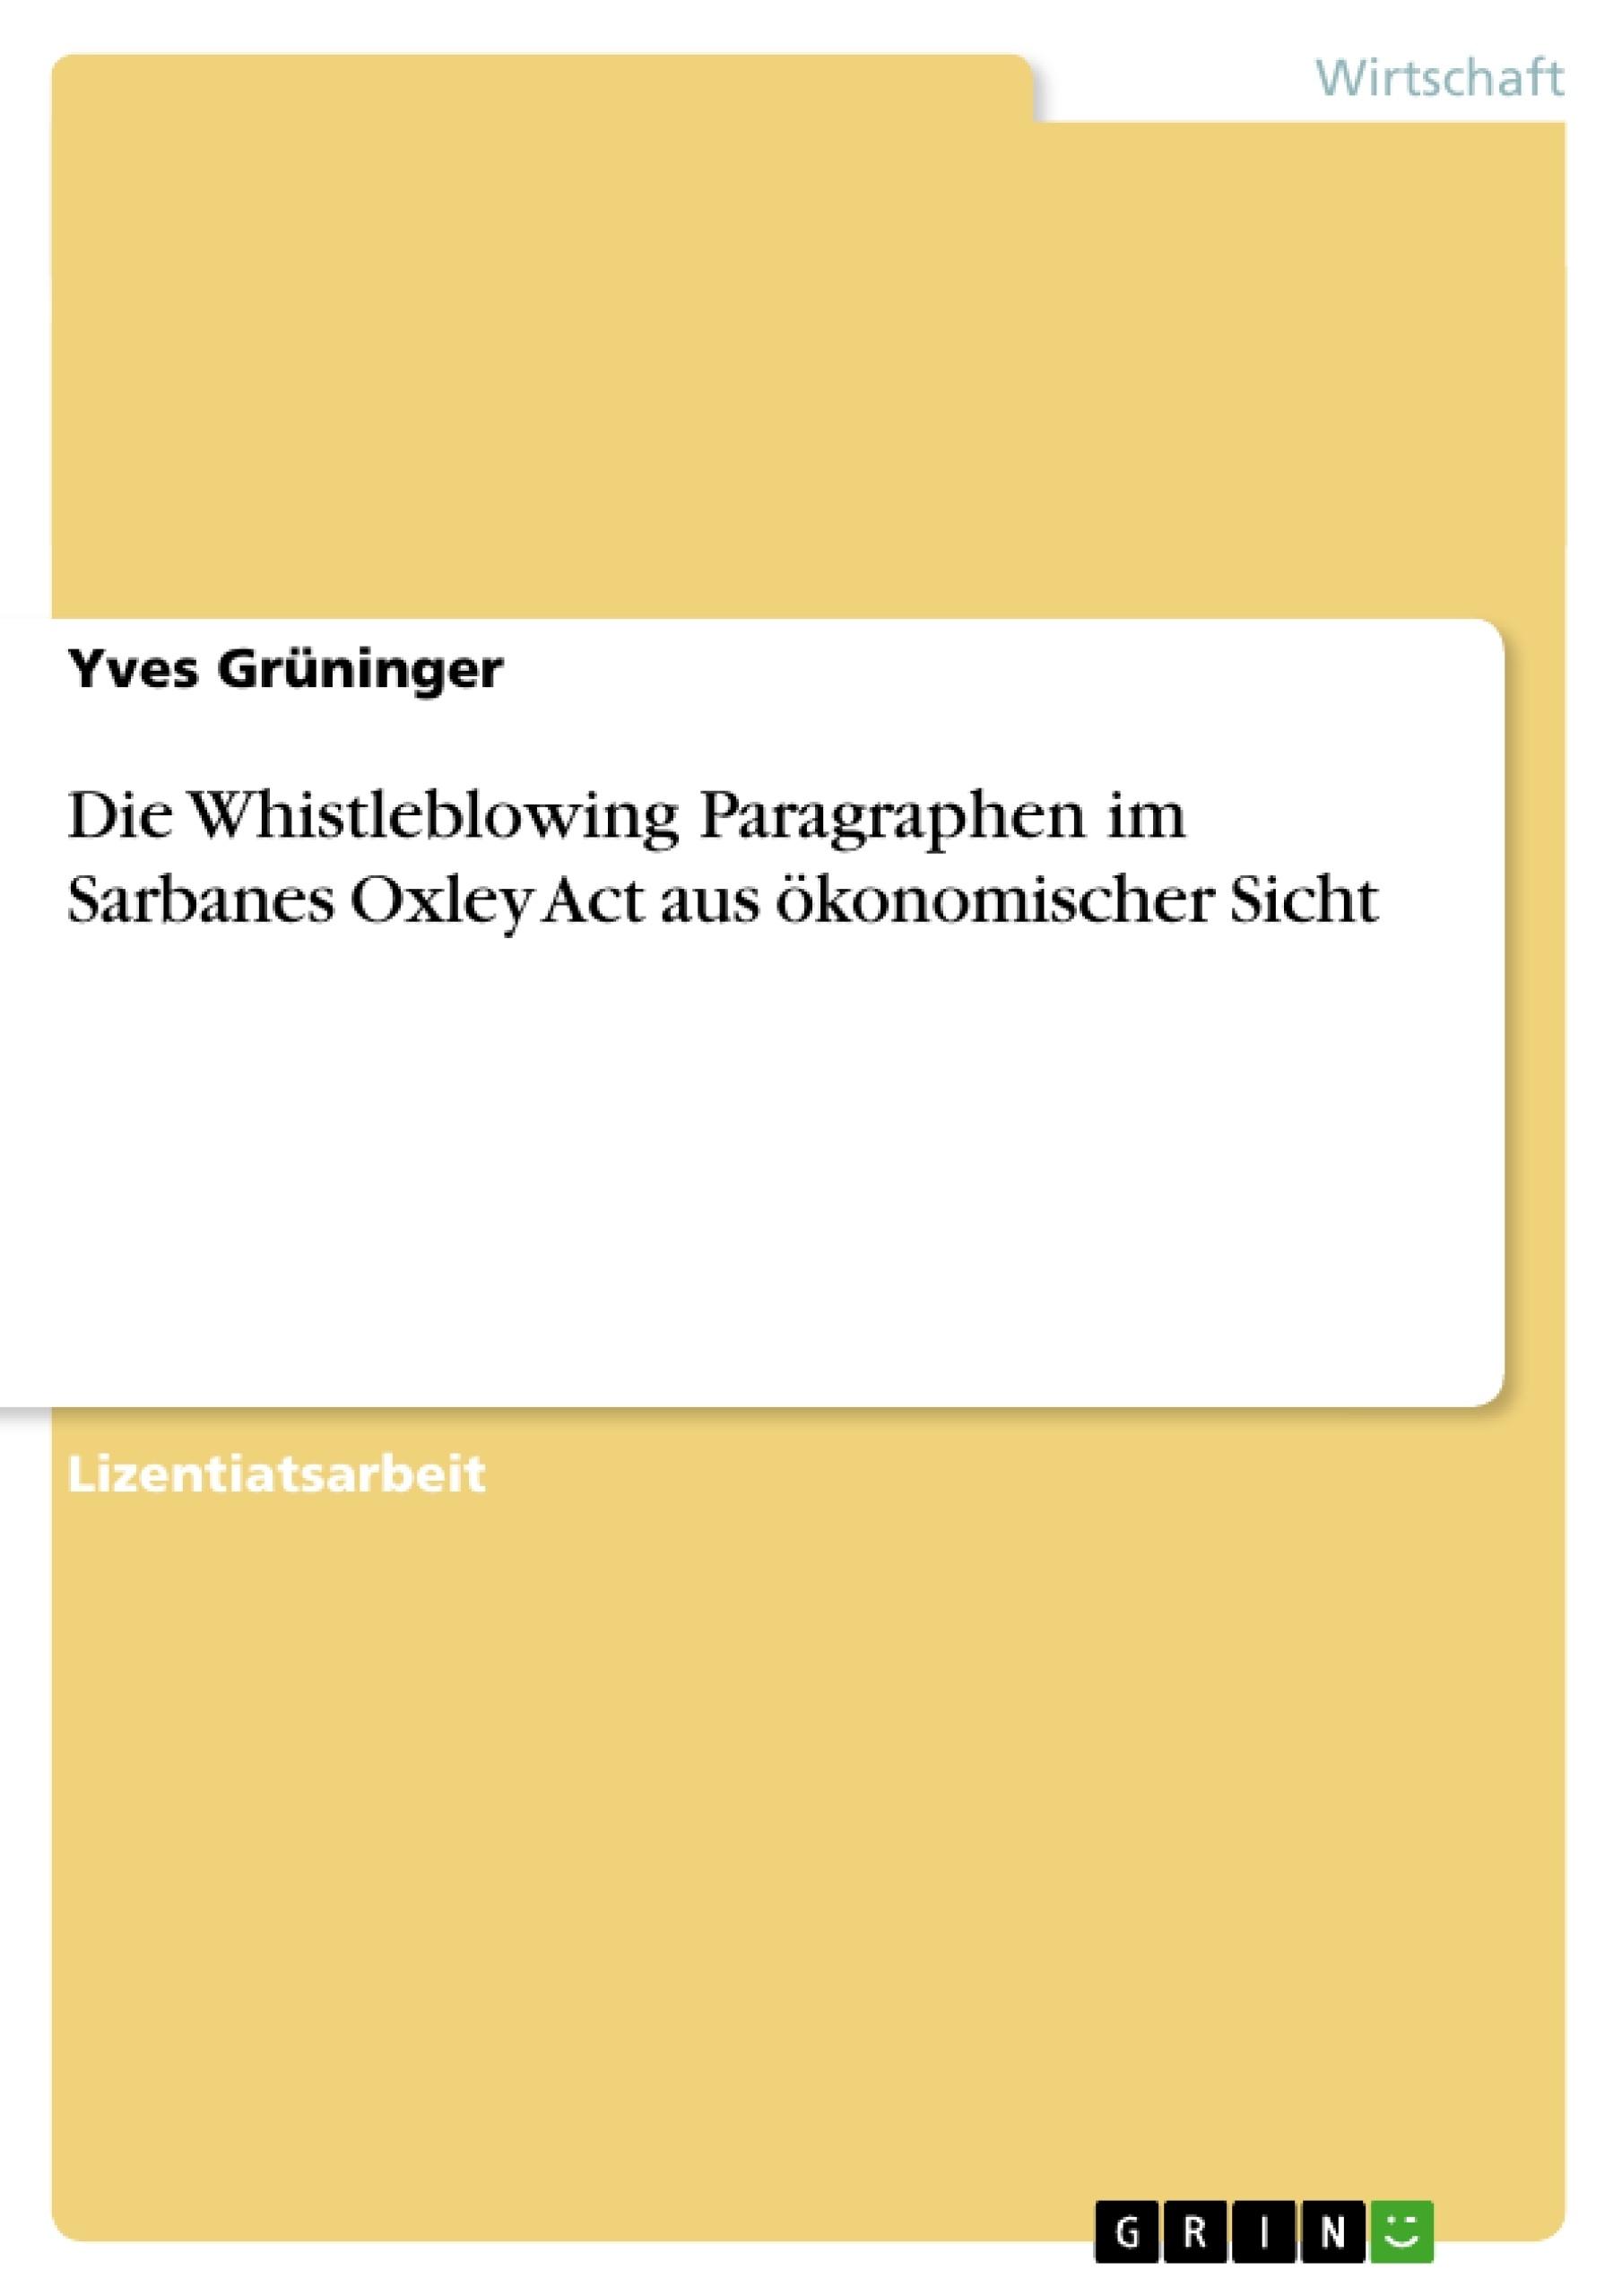 Titel: Die Whistleblowing Paragraphen im Sarbanes Oxley Act aus ökonomischer Sicht